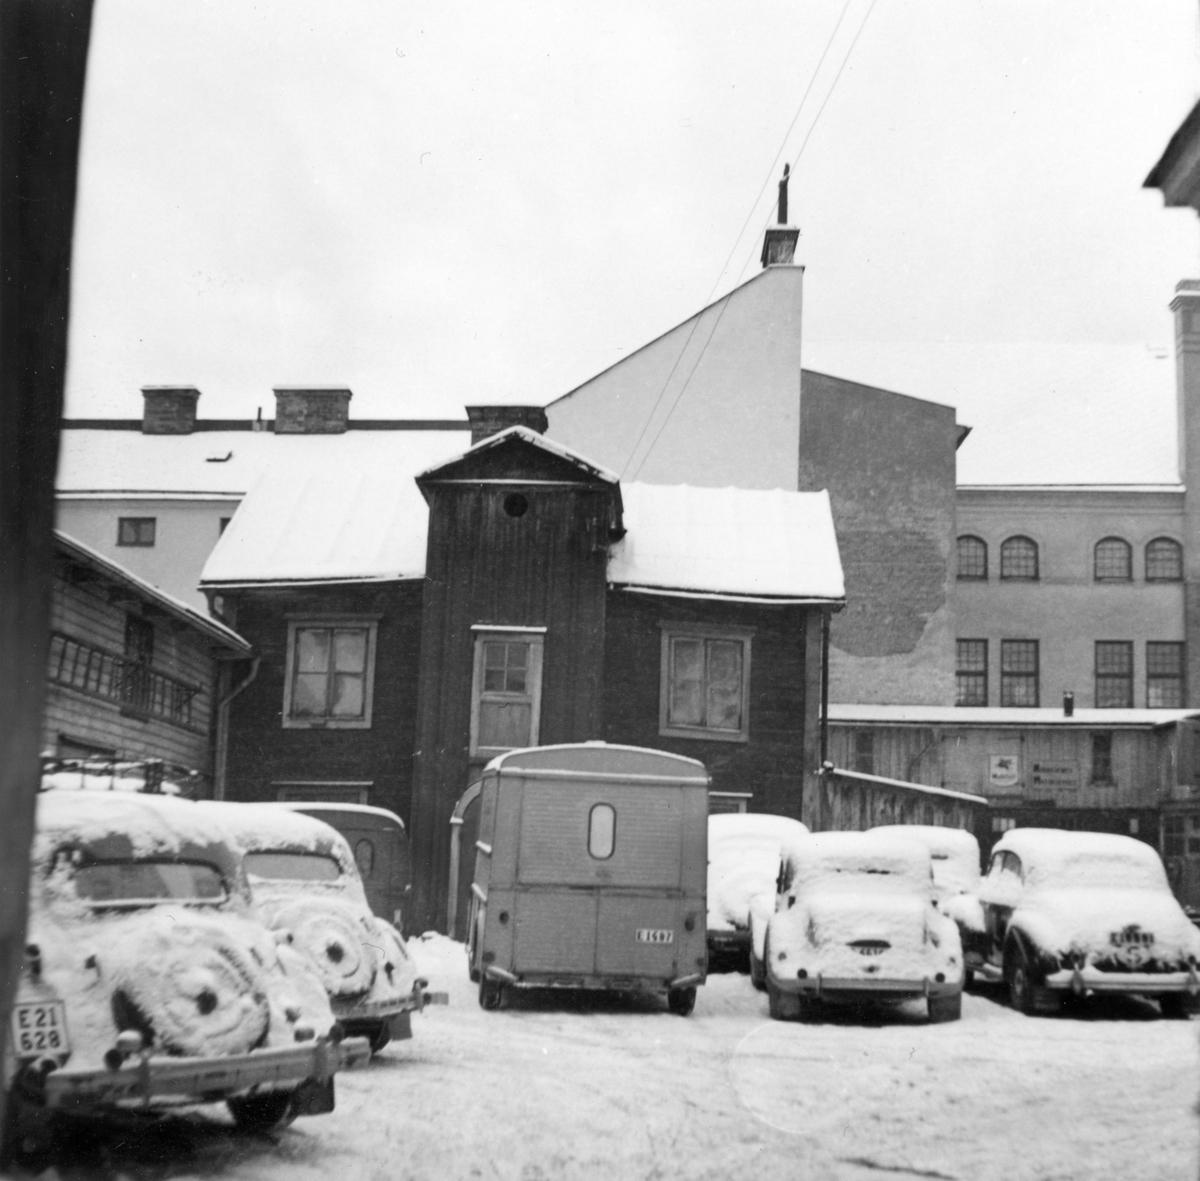 Gårdshus i kvarteret Ankarstocken i Norrköping. Fotografiet taget i samband med Norrköpings stads stiftelse Hyresbostäders rivningsansökan 1958. Idag ligger här p-huset Ankaret.